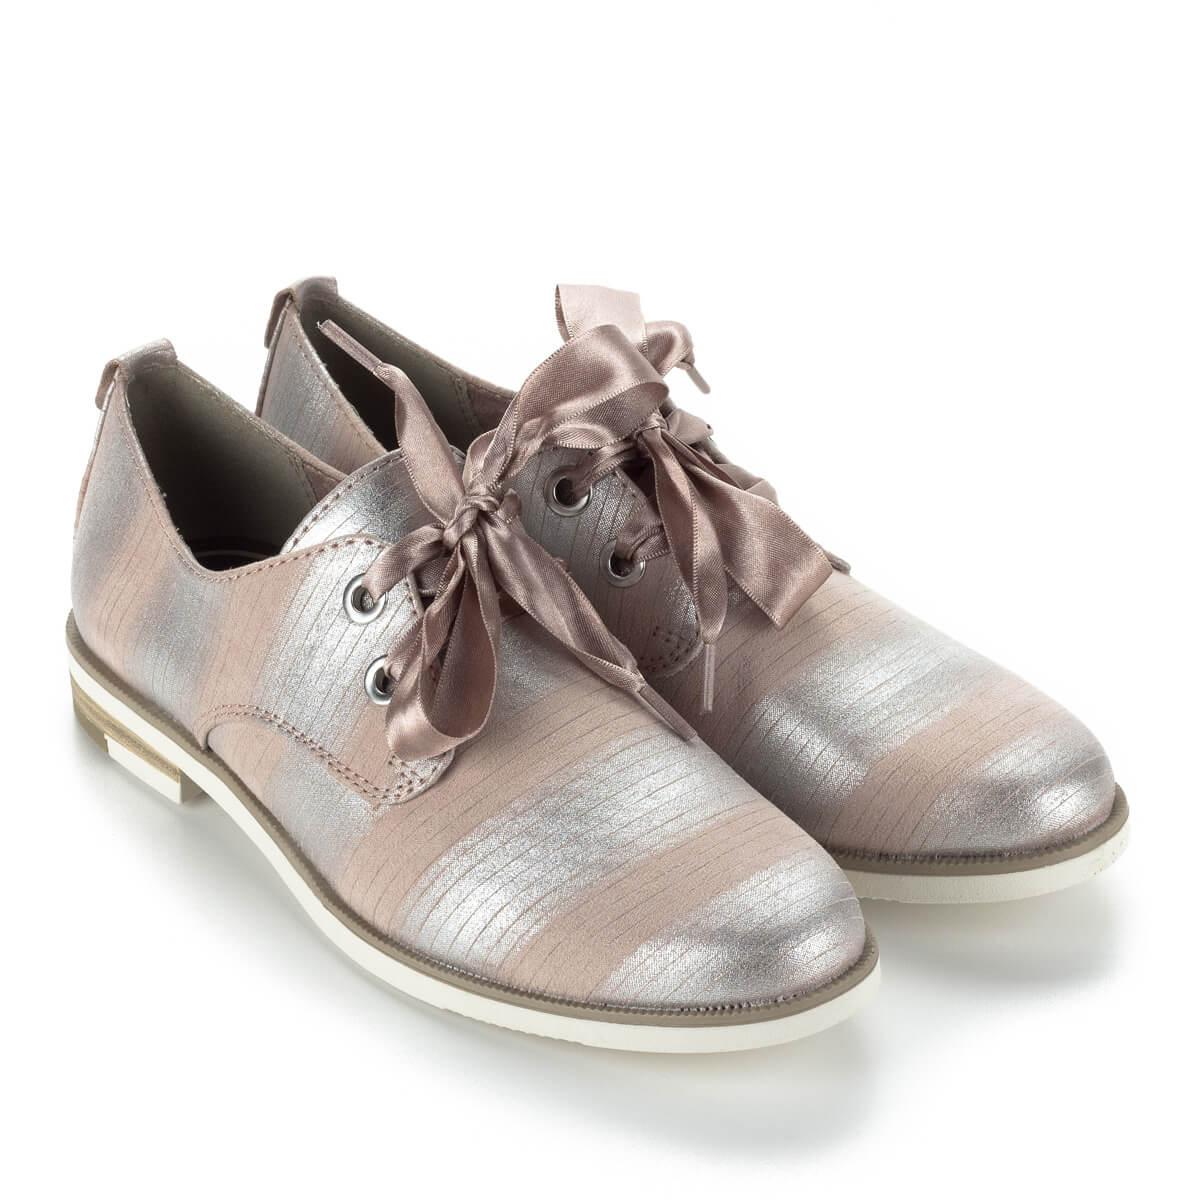 Fűzős Marco Tozzi cipő ezüst-rózsaszín színkombinációban bfc71a1c19